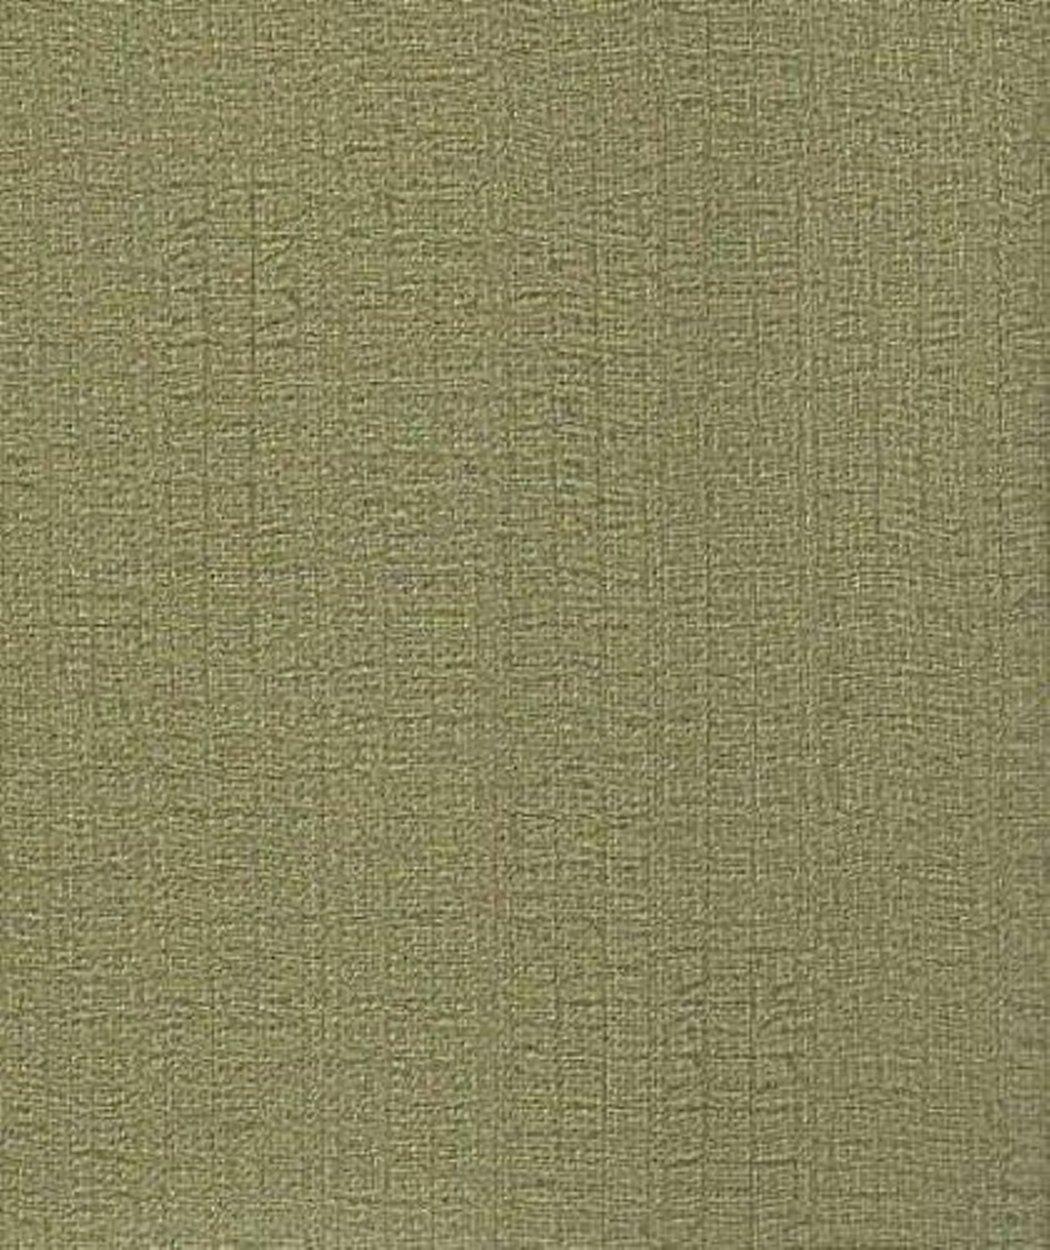 Wedgwood Intaglio 8-Ounce Sugar Bowl 5C10405111